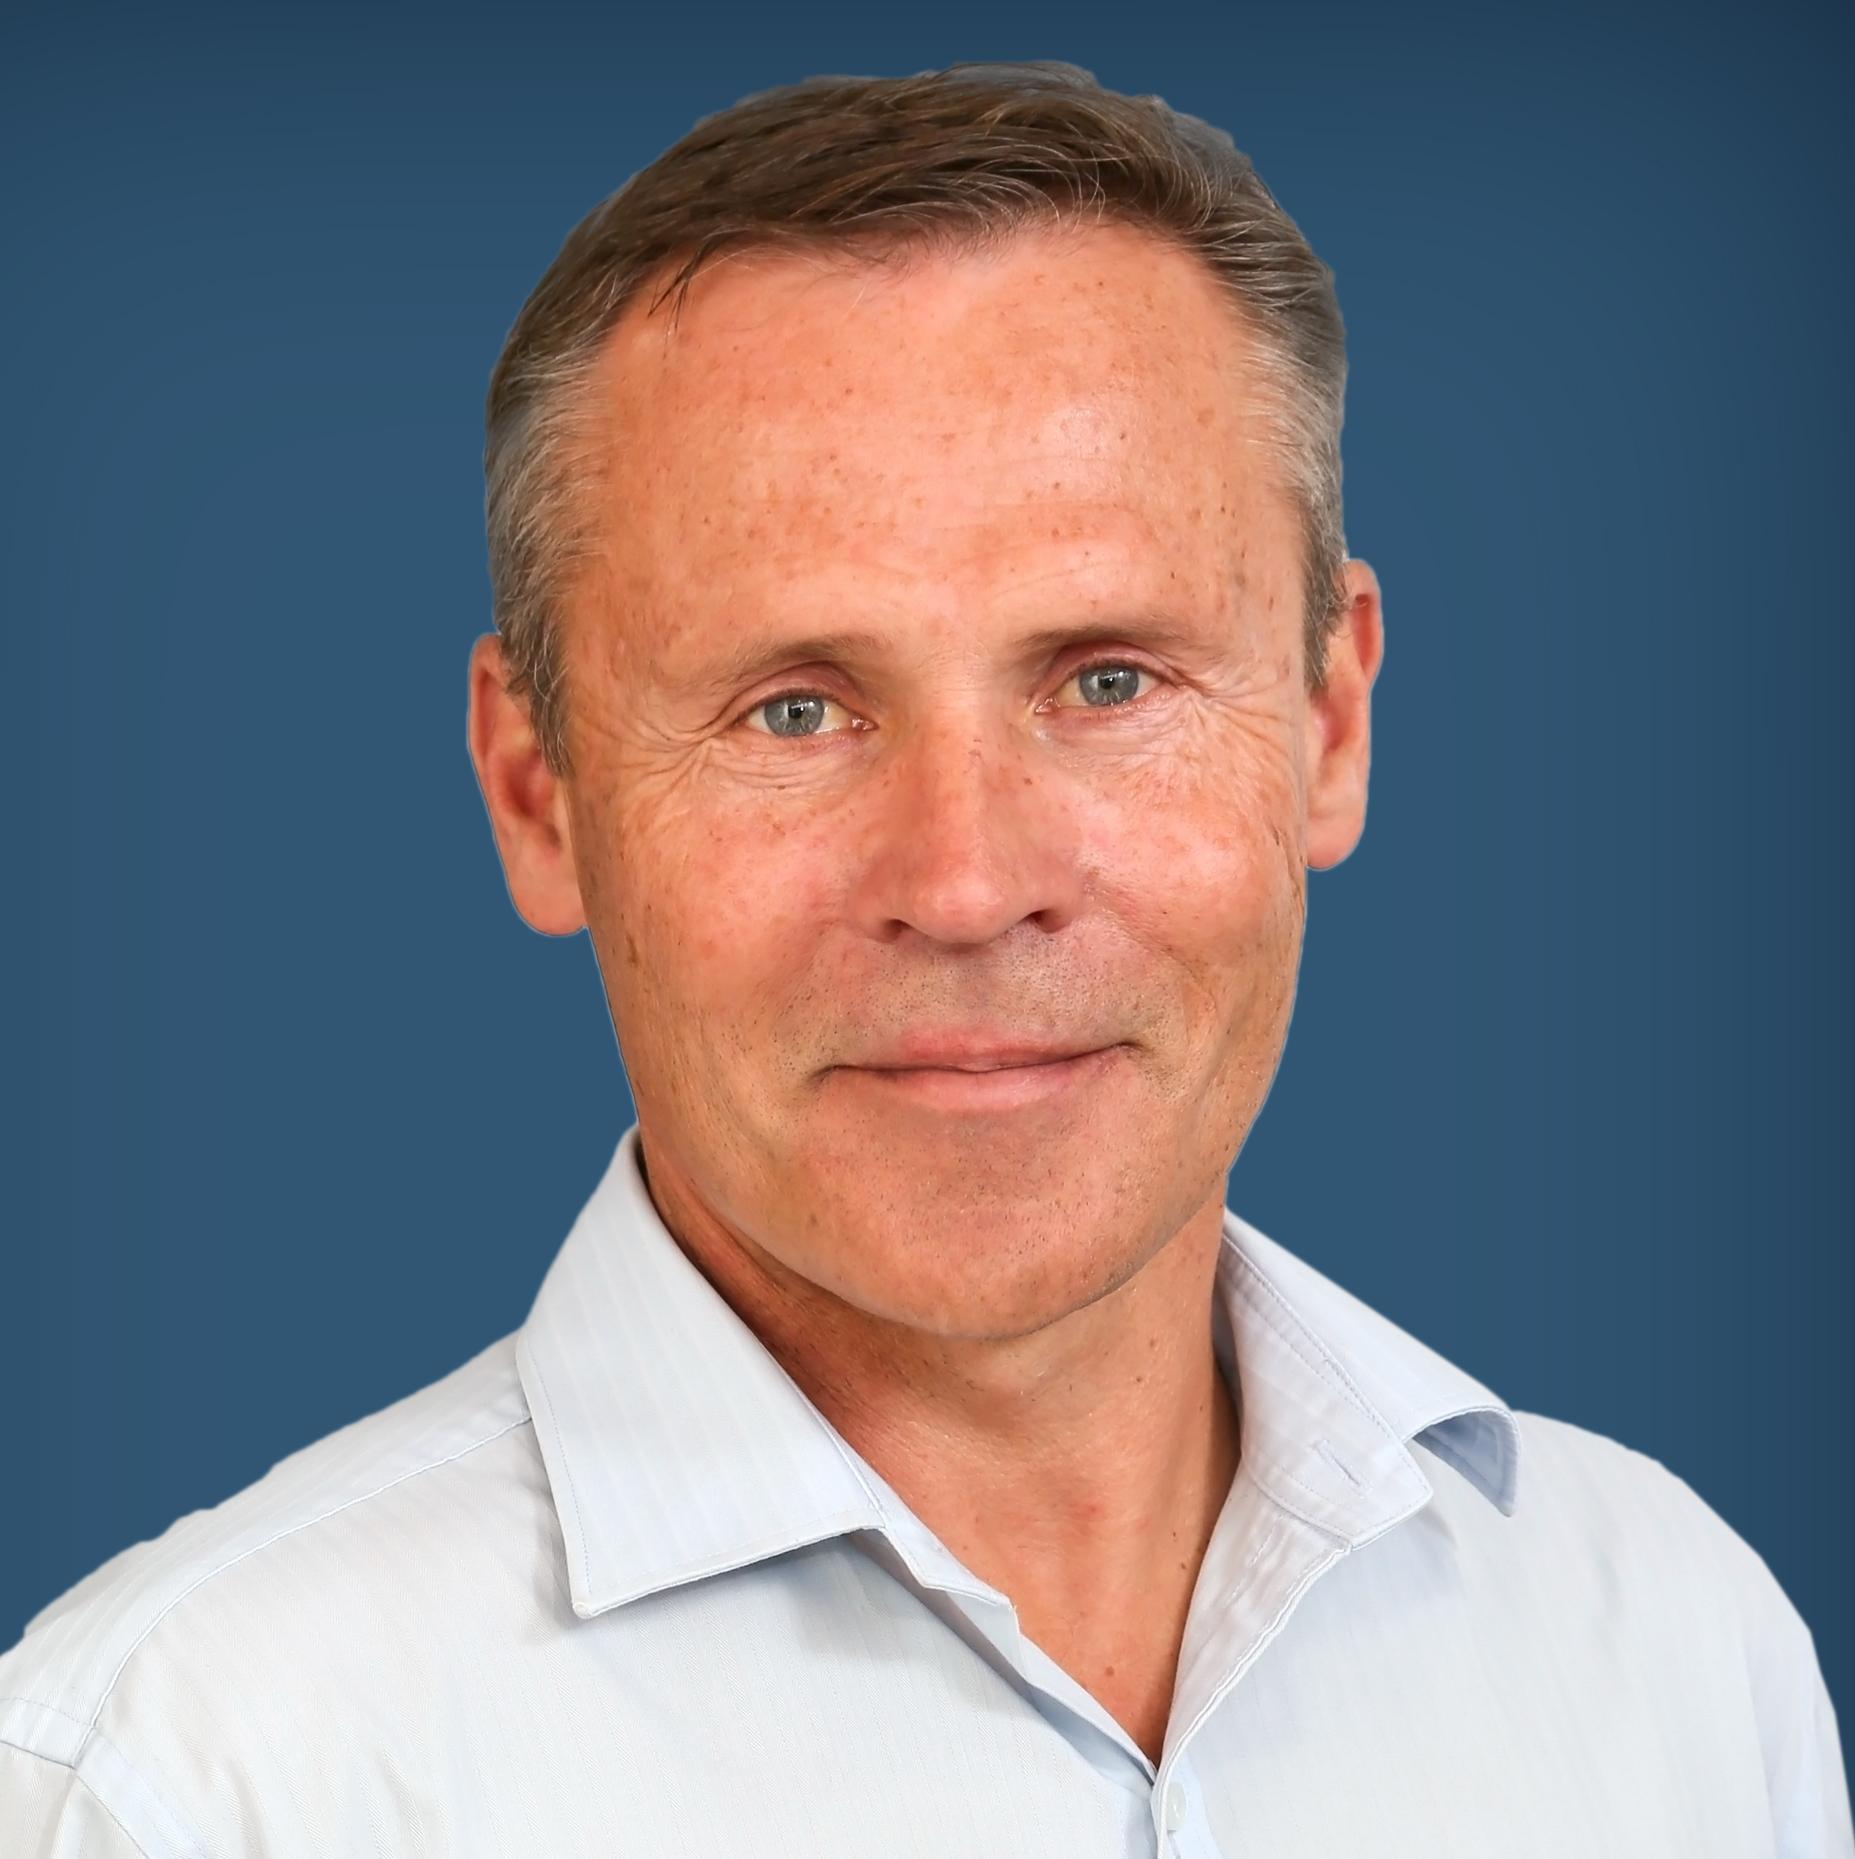 Paul Cunneen